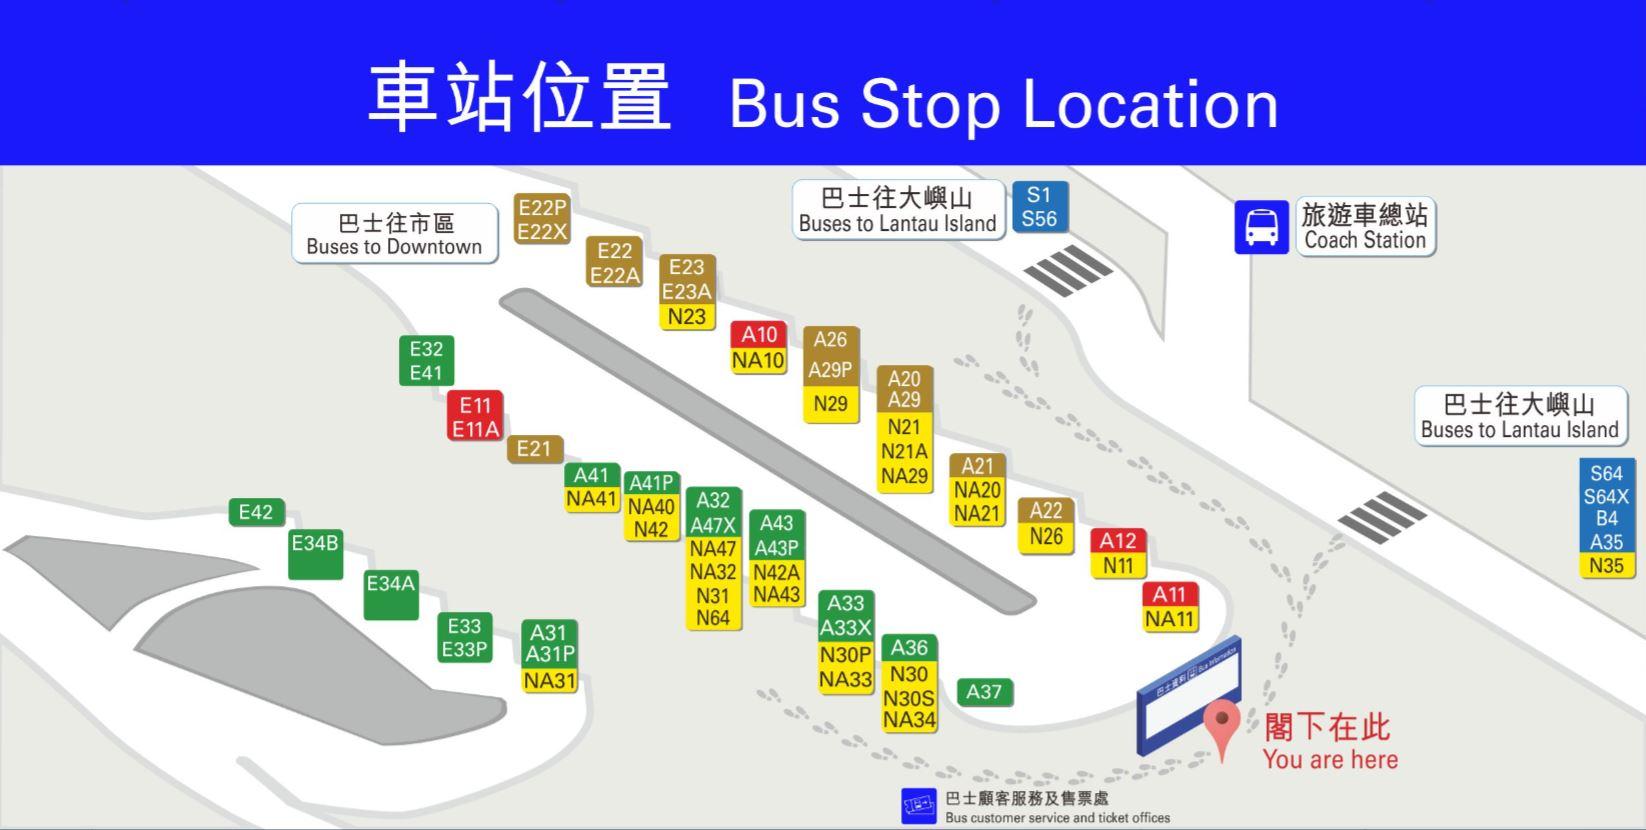 7日或有人堵塞机场 香港国际机场发提醒